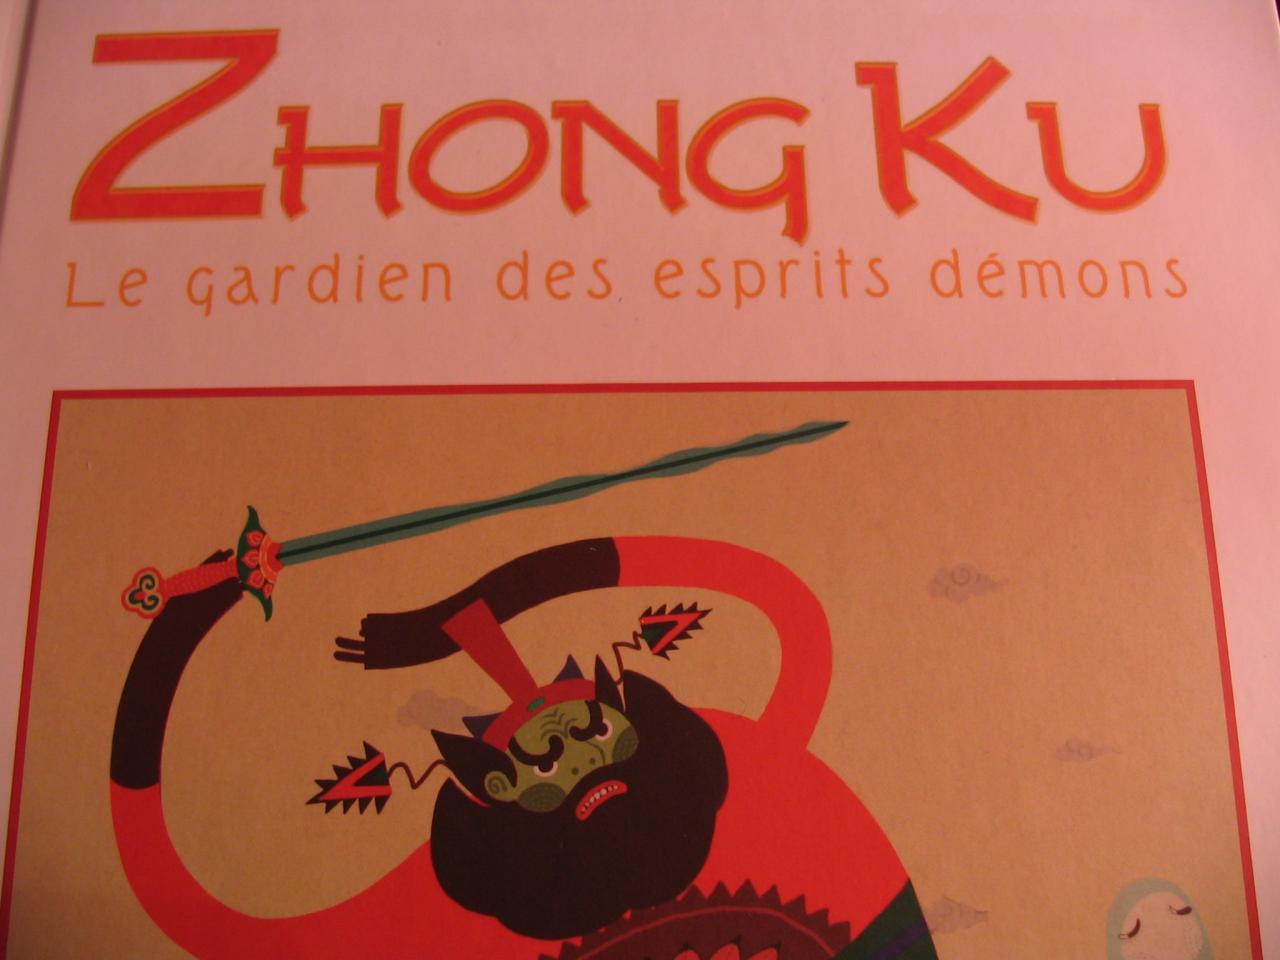 Zhong Ku